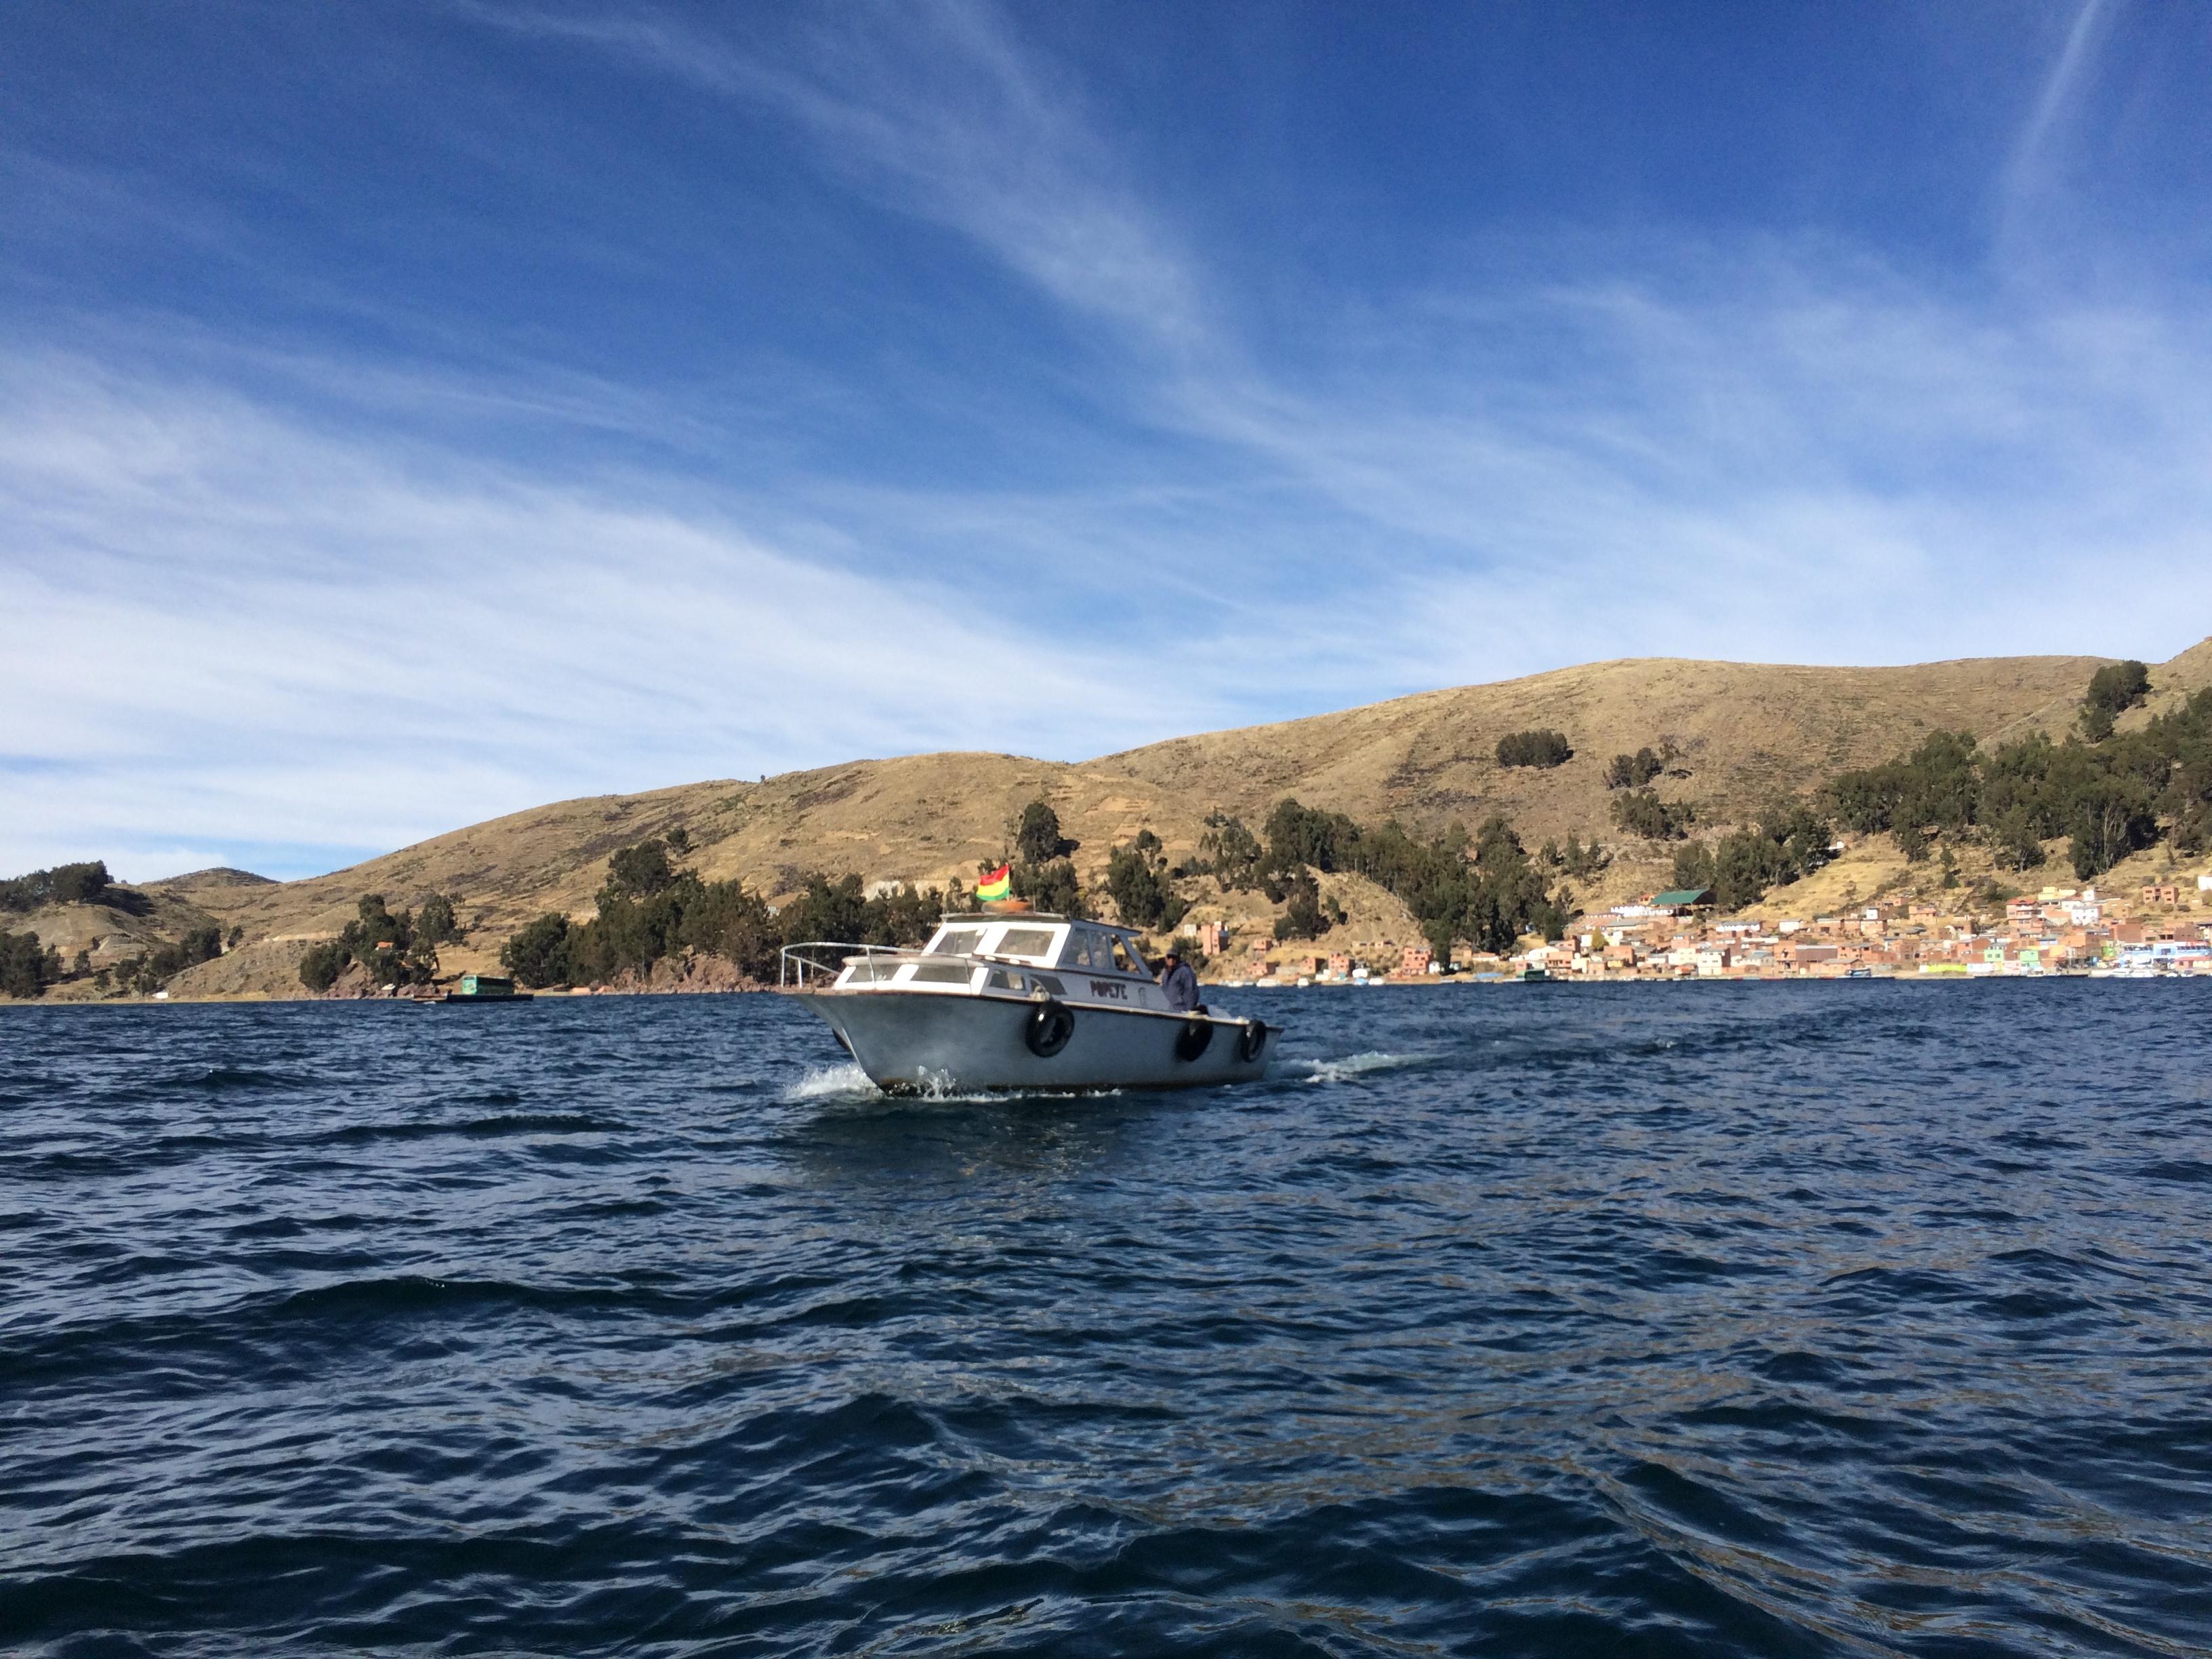 Cruzando el Titicaca